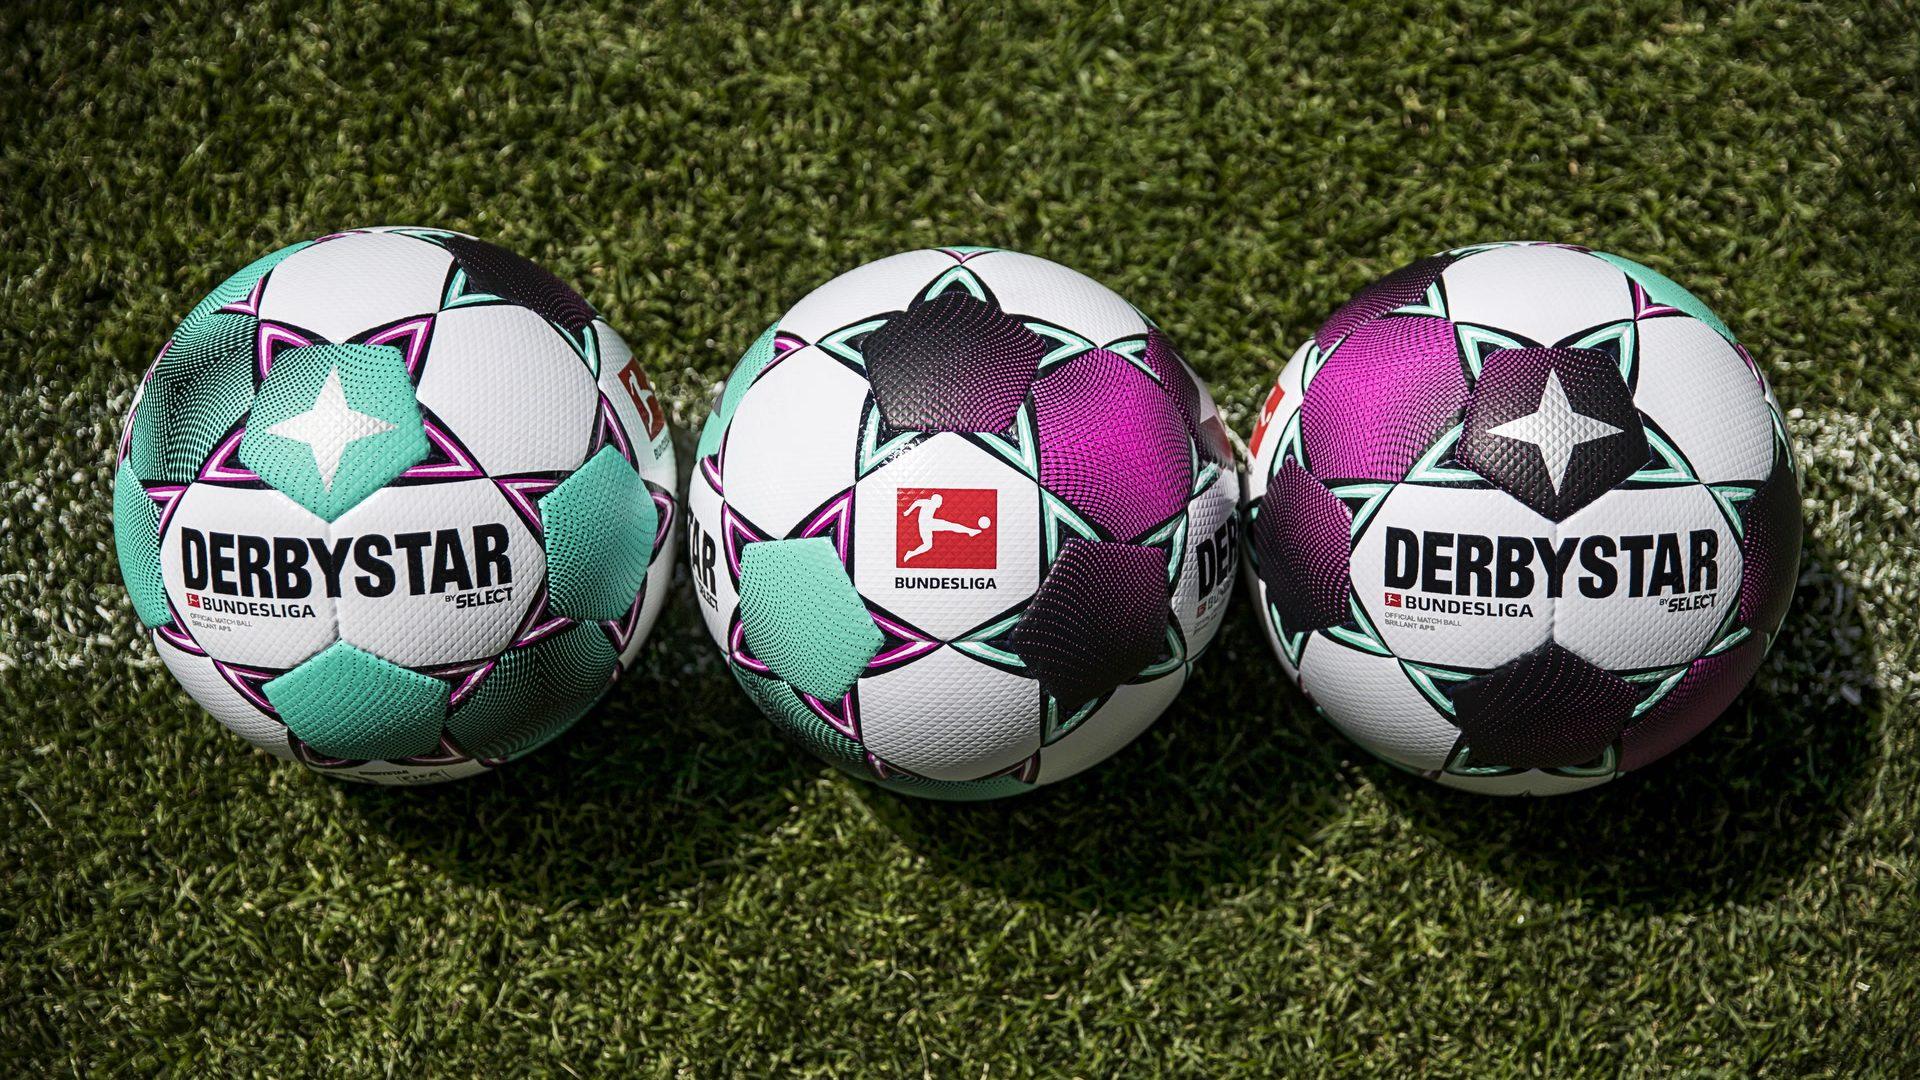 DERBYSTAR präsentiert den offiziellen Spielball